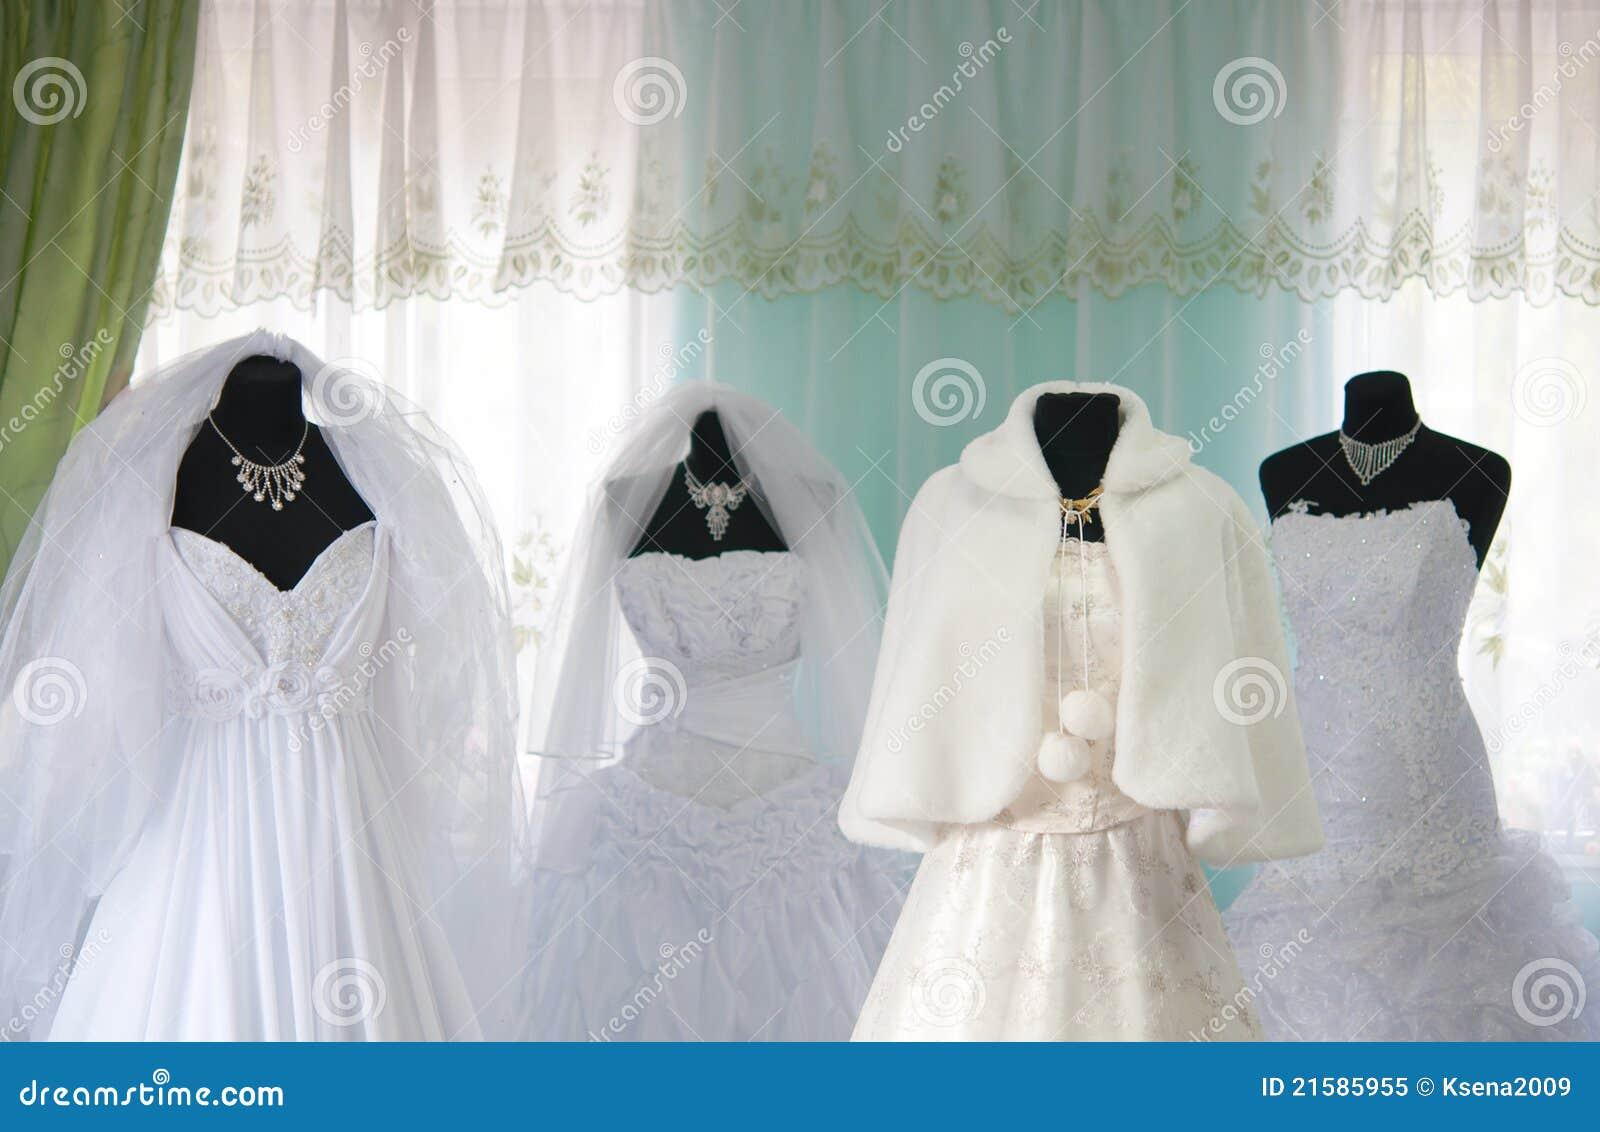 Hochzeitskleider Lizenzfreies Stockfoto - Bild: 21585955